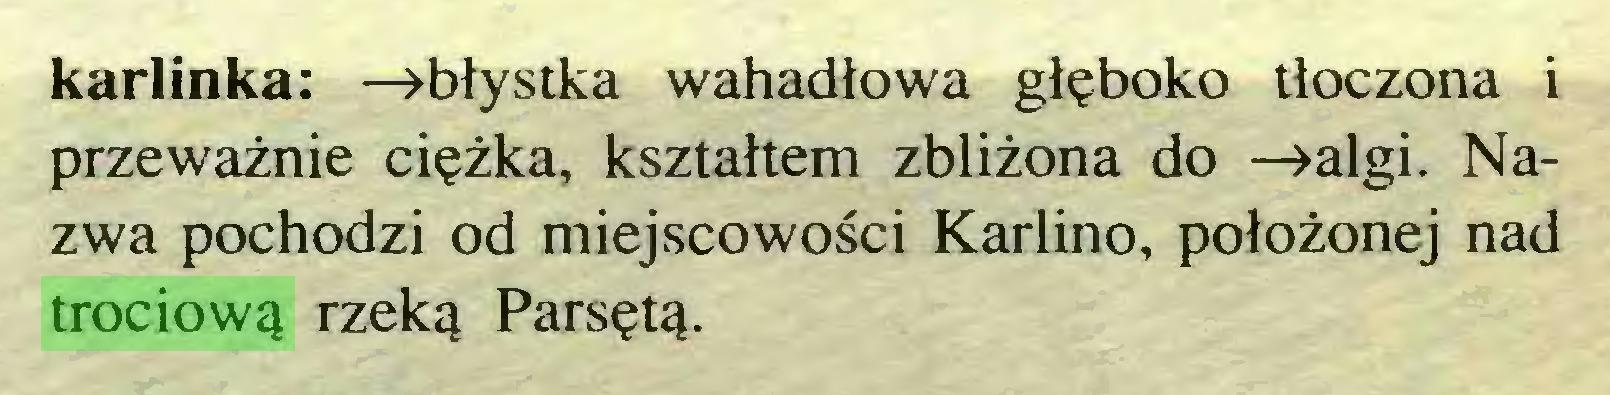 (...) karlinka: —»błystka wahadłowa głęboko tłoczona i przeważnie ciężka, kształtem zbliżona do —»algi. Nazwa pochodzi od miejscowości Karlino, położonej nad trociową rzeką Parsętą...